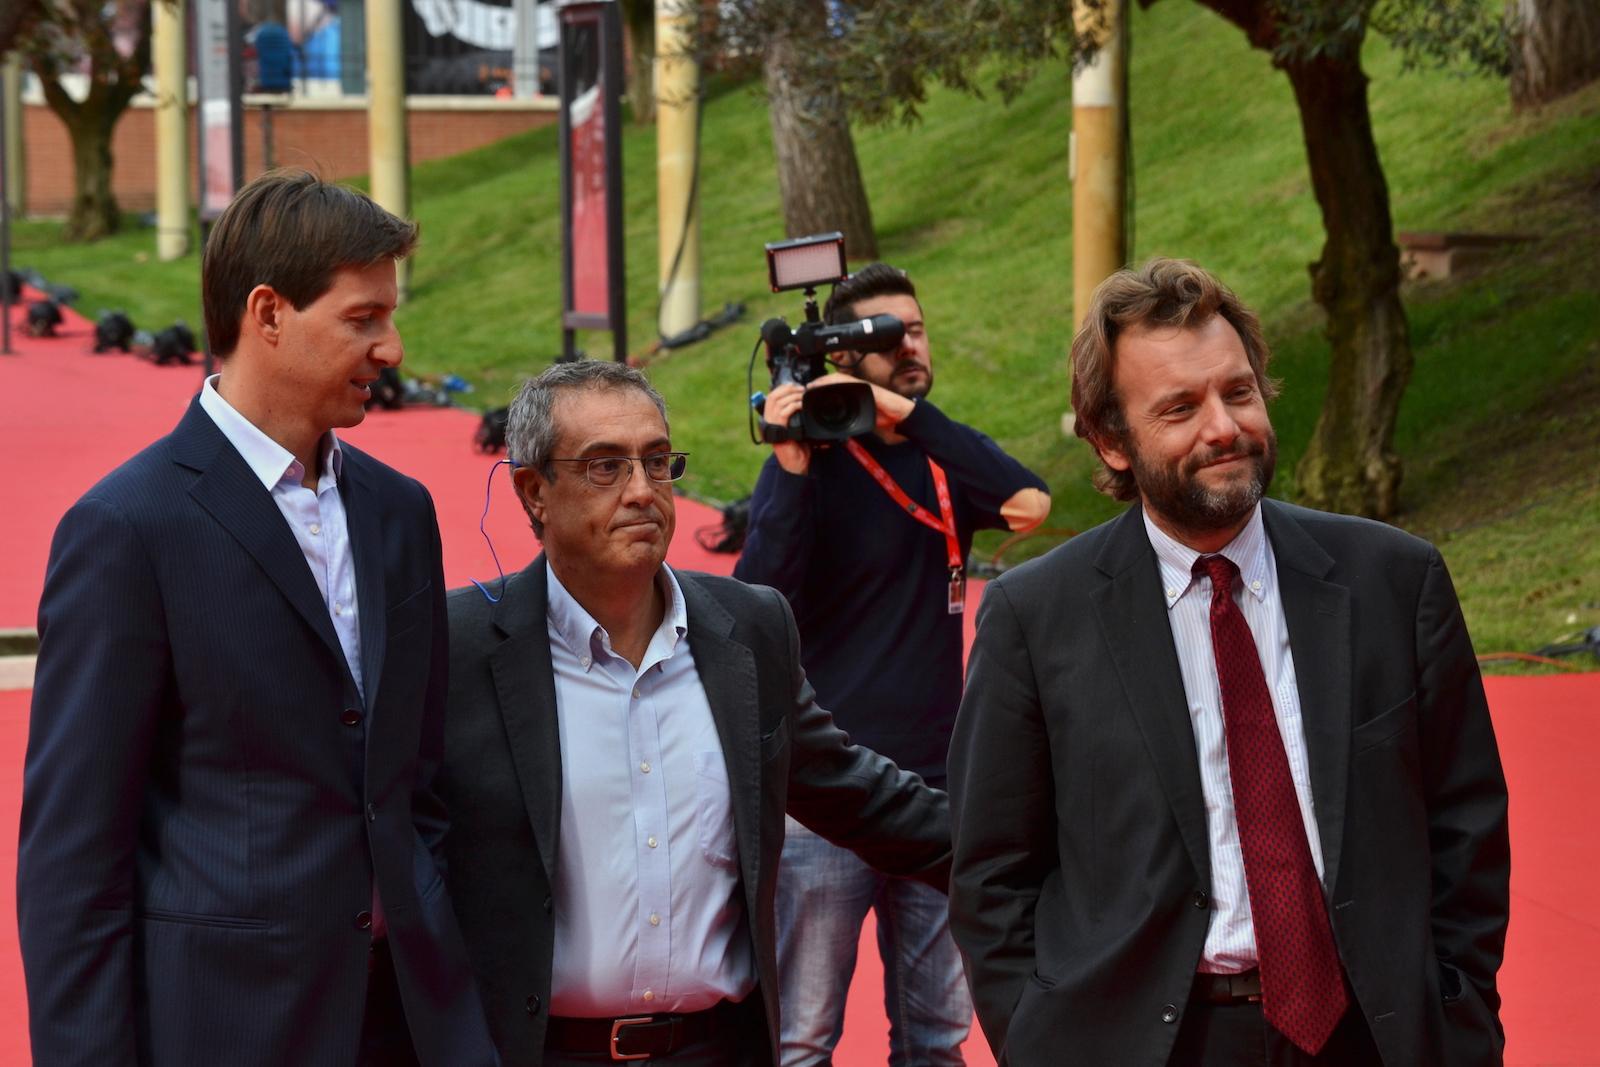 Roma 2015: Marco Spagnoli e Stefano Bethlan davanti ai fotografi sul red carpet di Inside Out